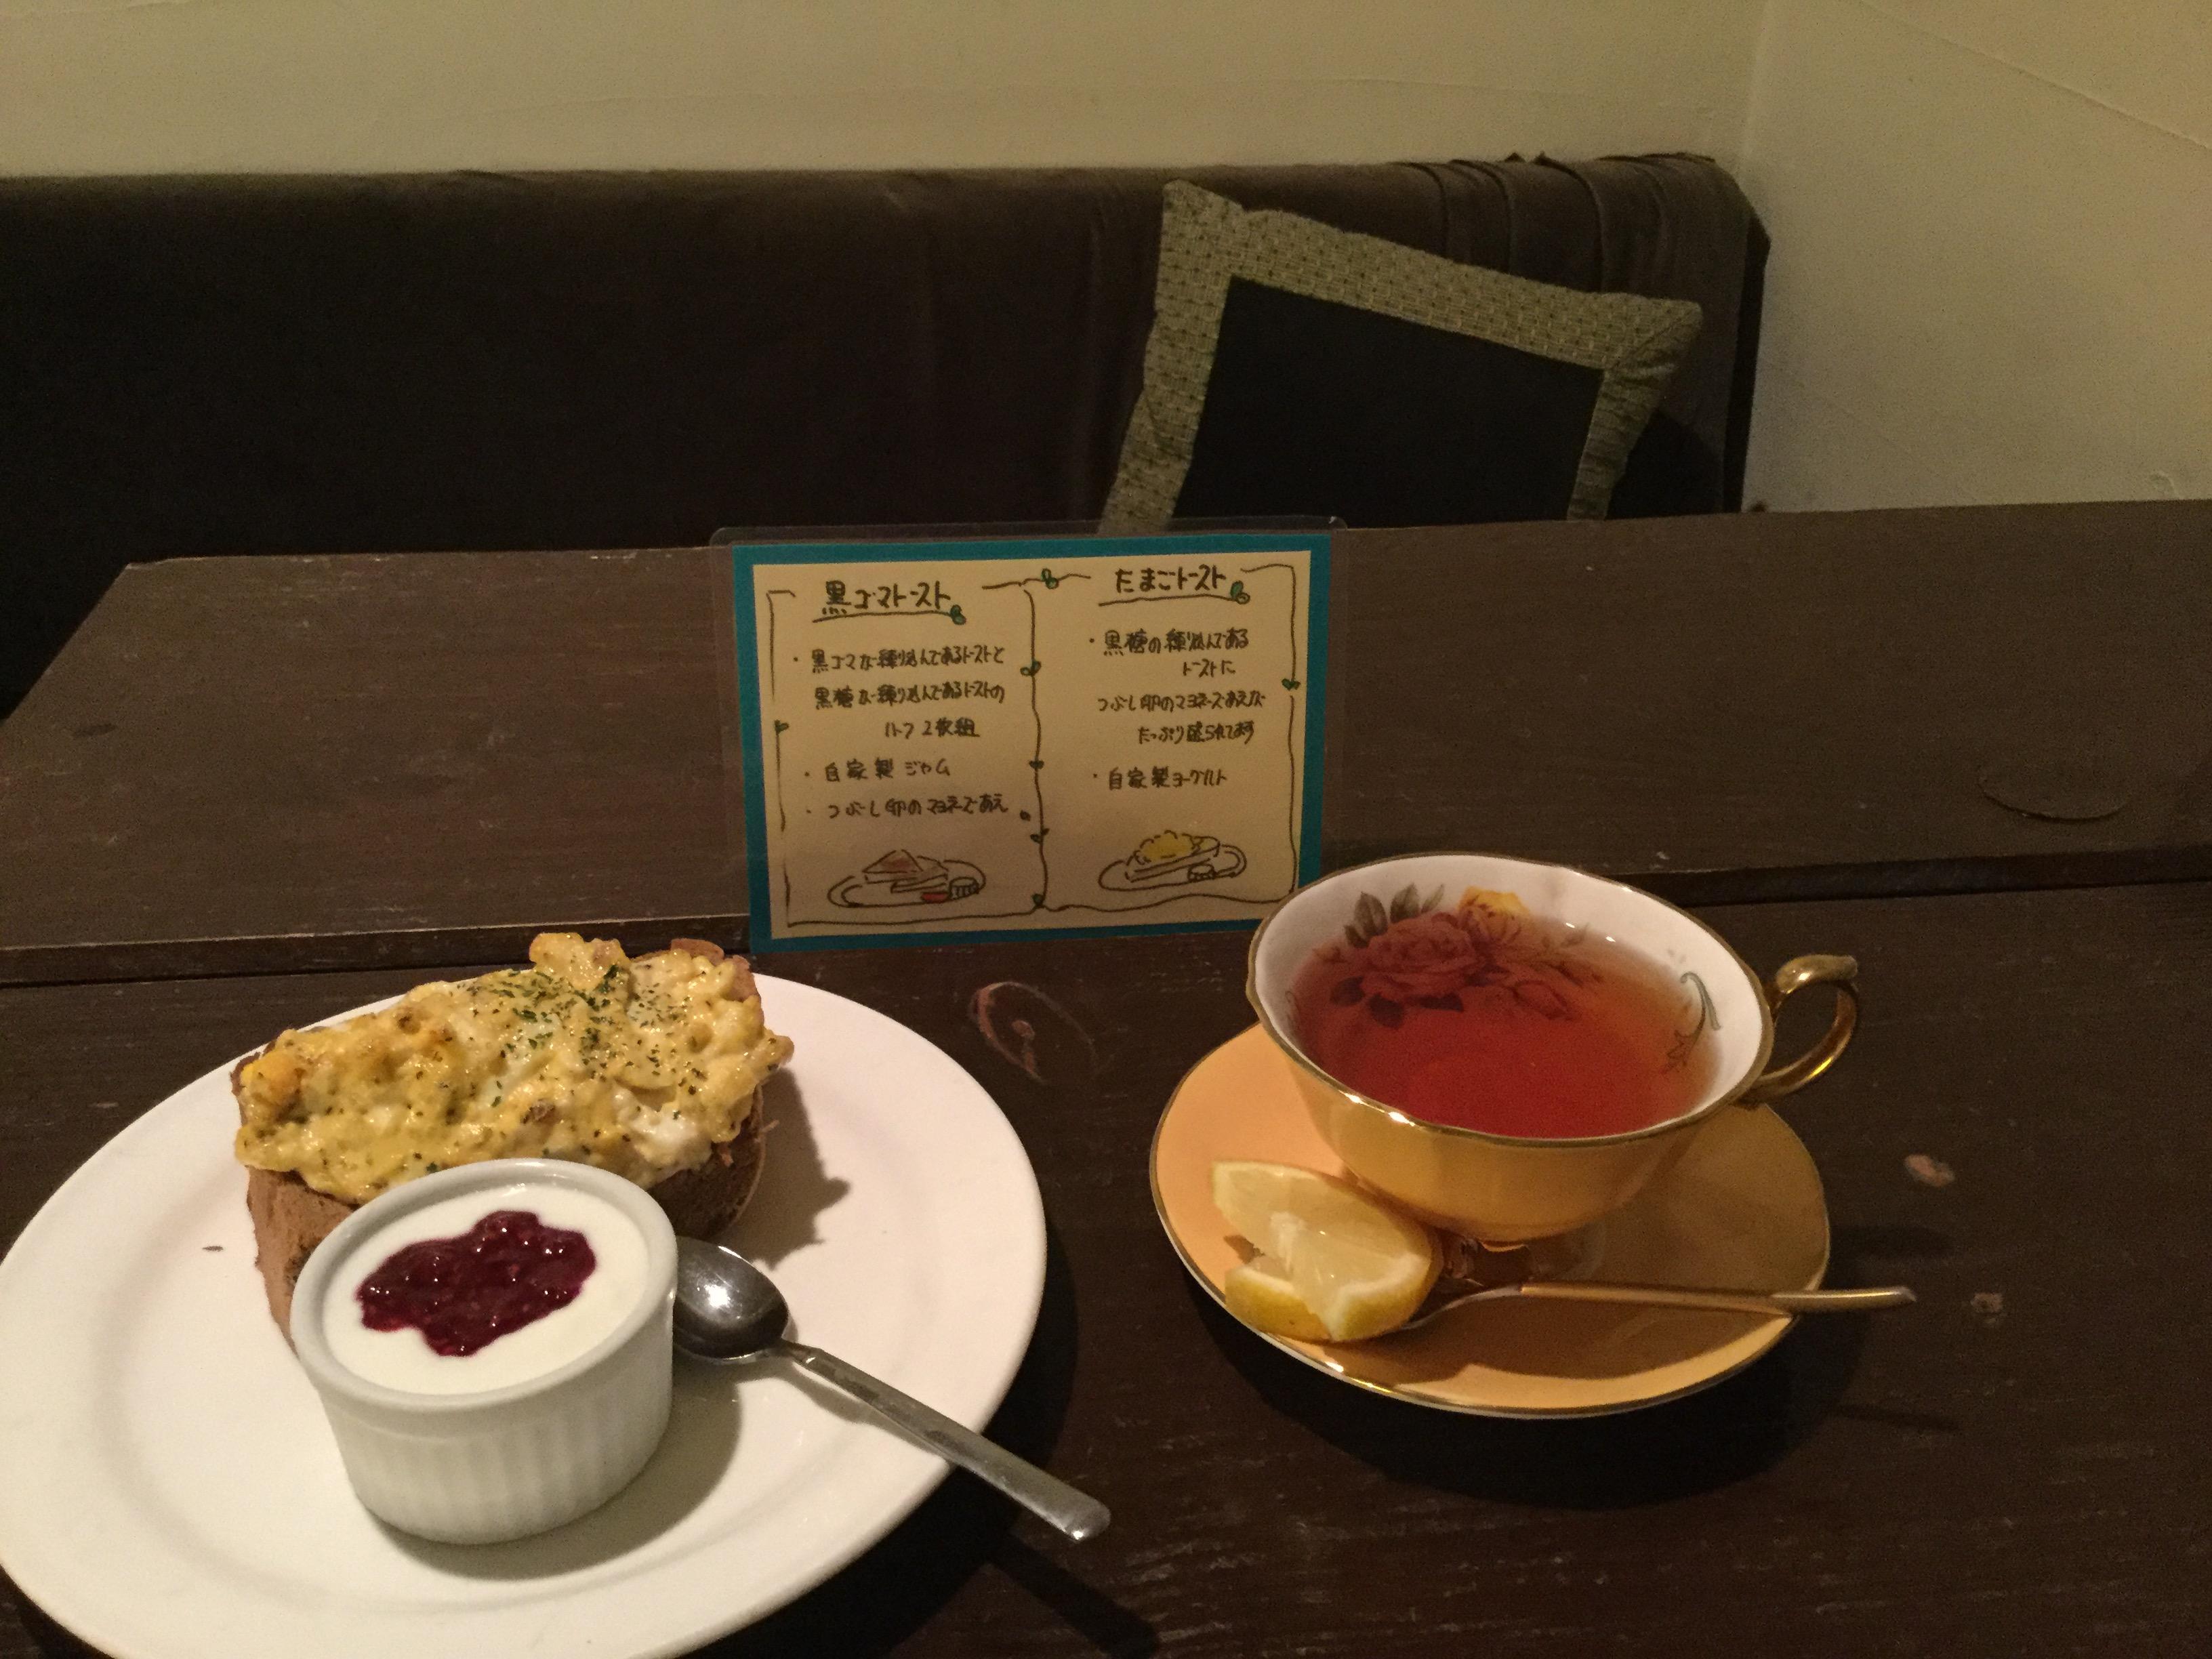 カフェドサラ cafedesara モーニング メニュー